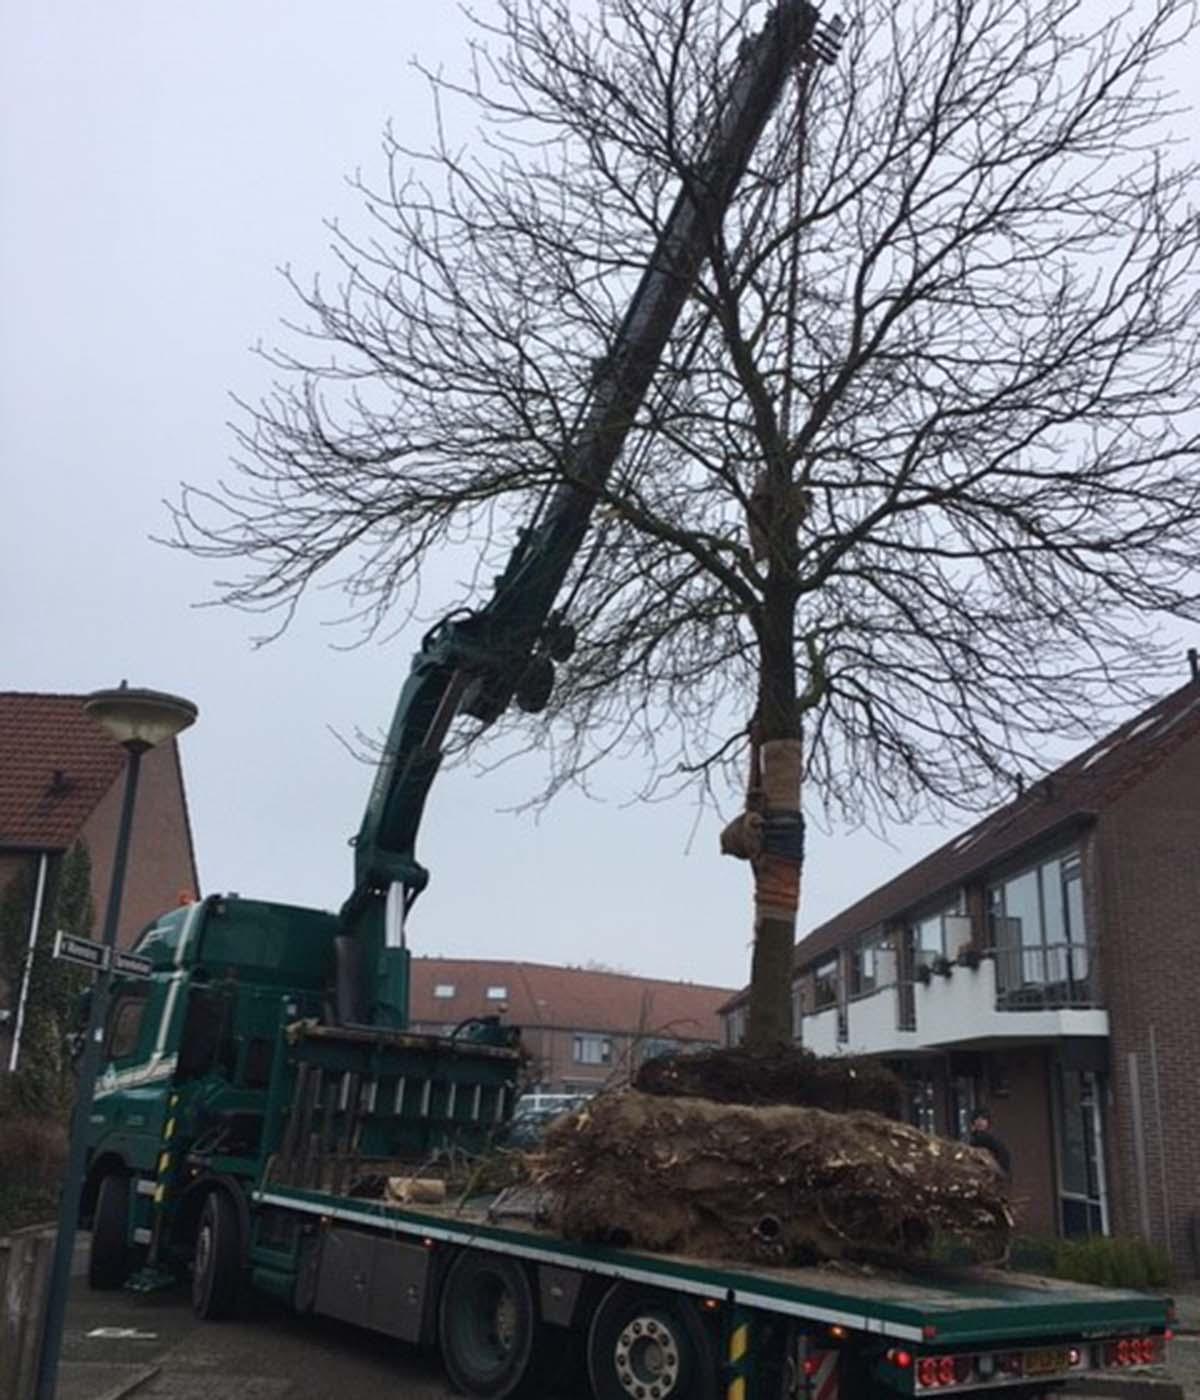 Hoefakker boomspecialisten verplanting rode paardenkastanje Veenendaal 3.